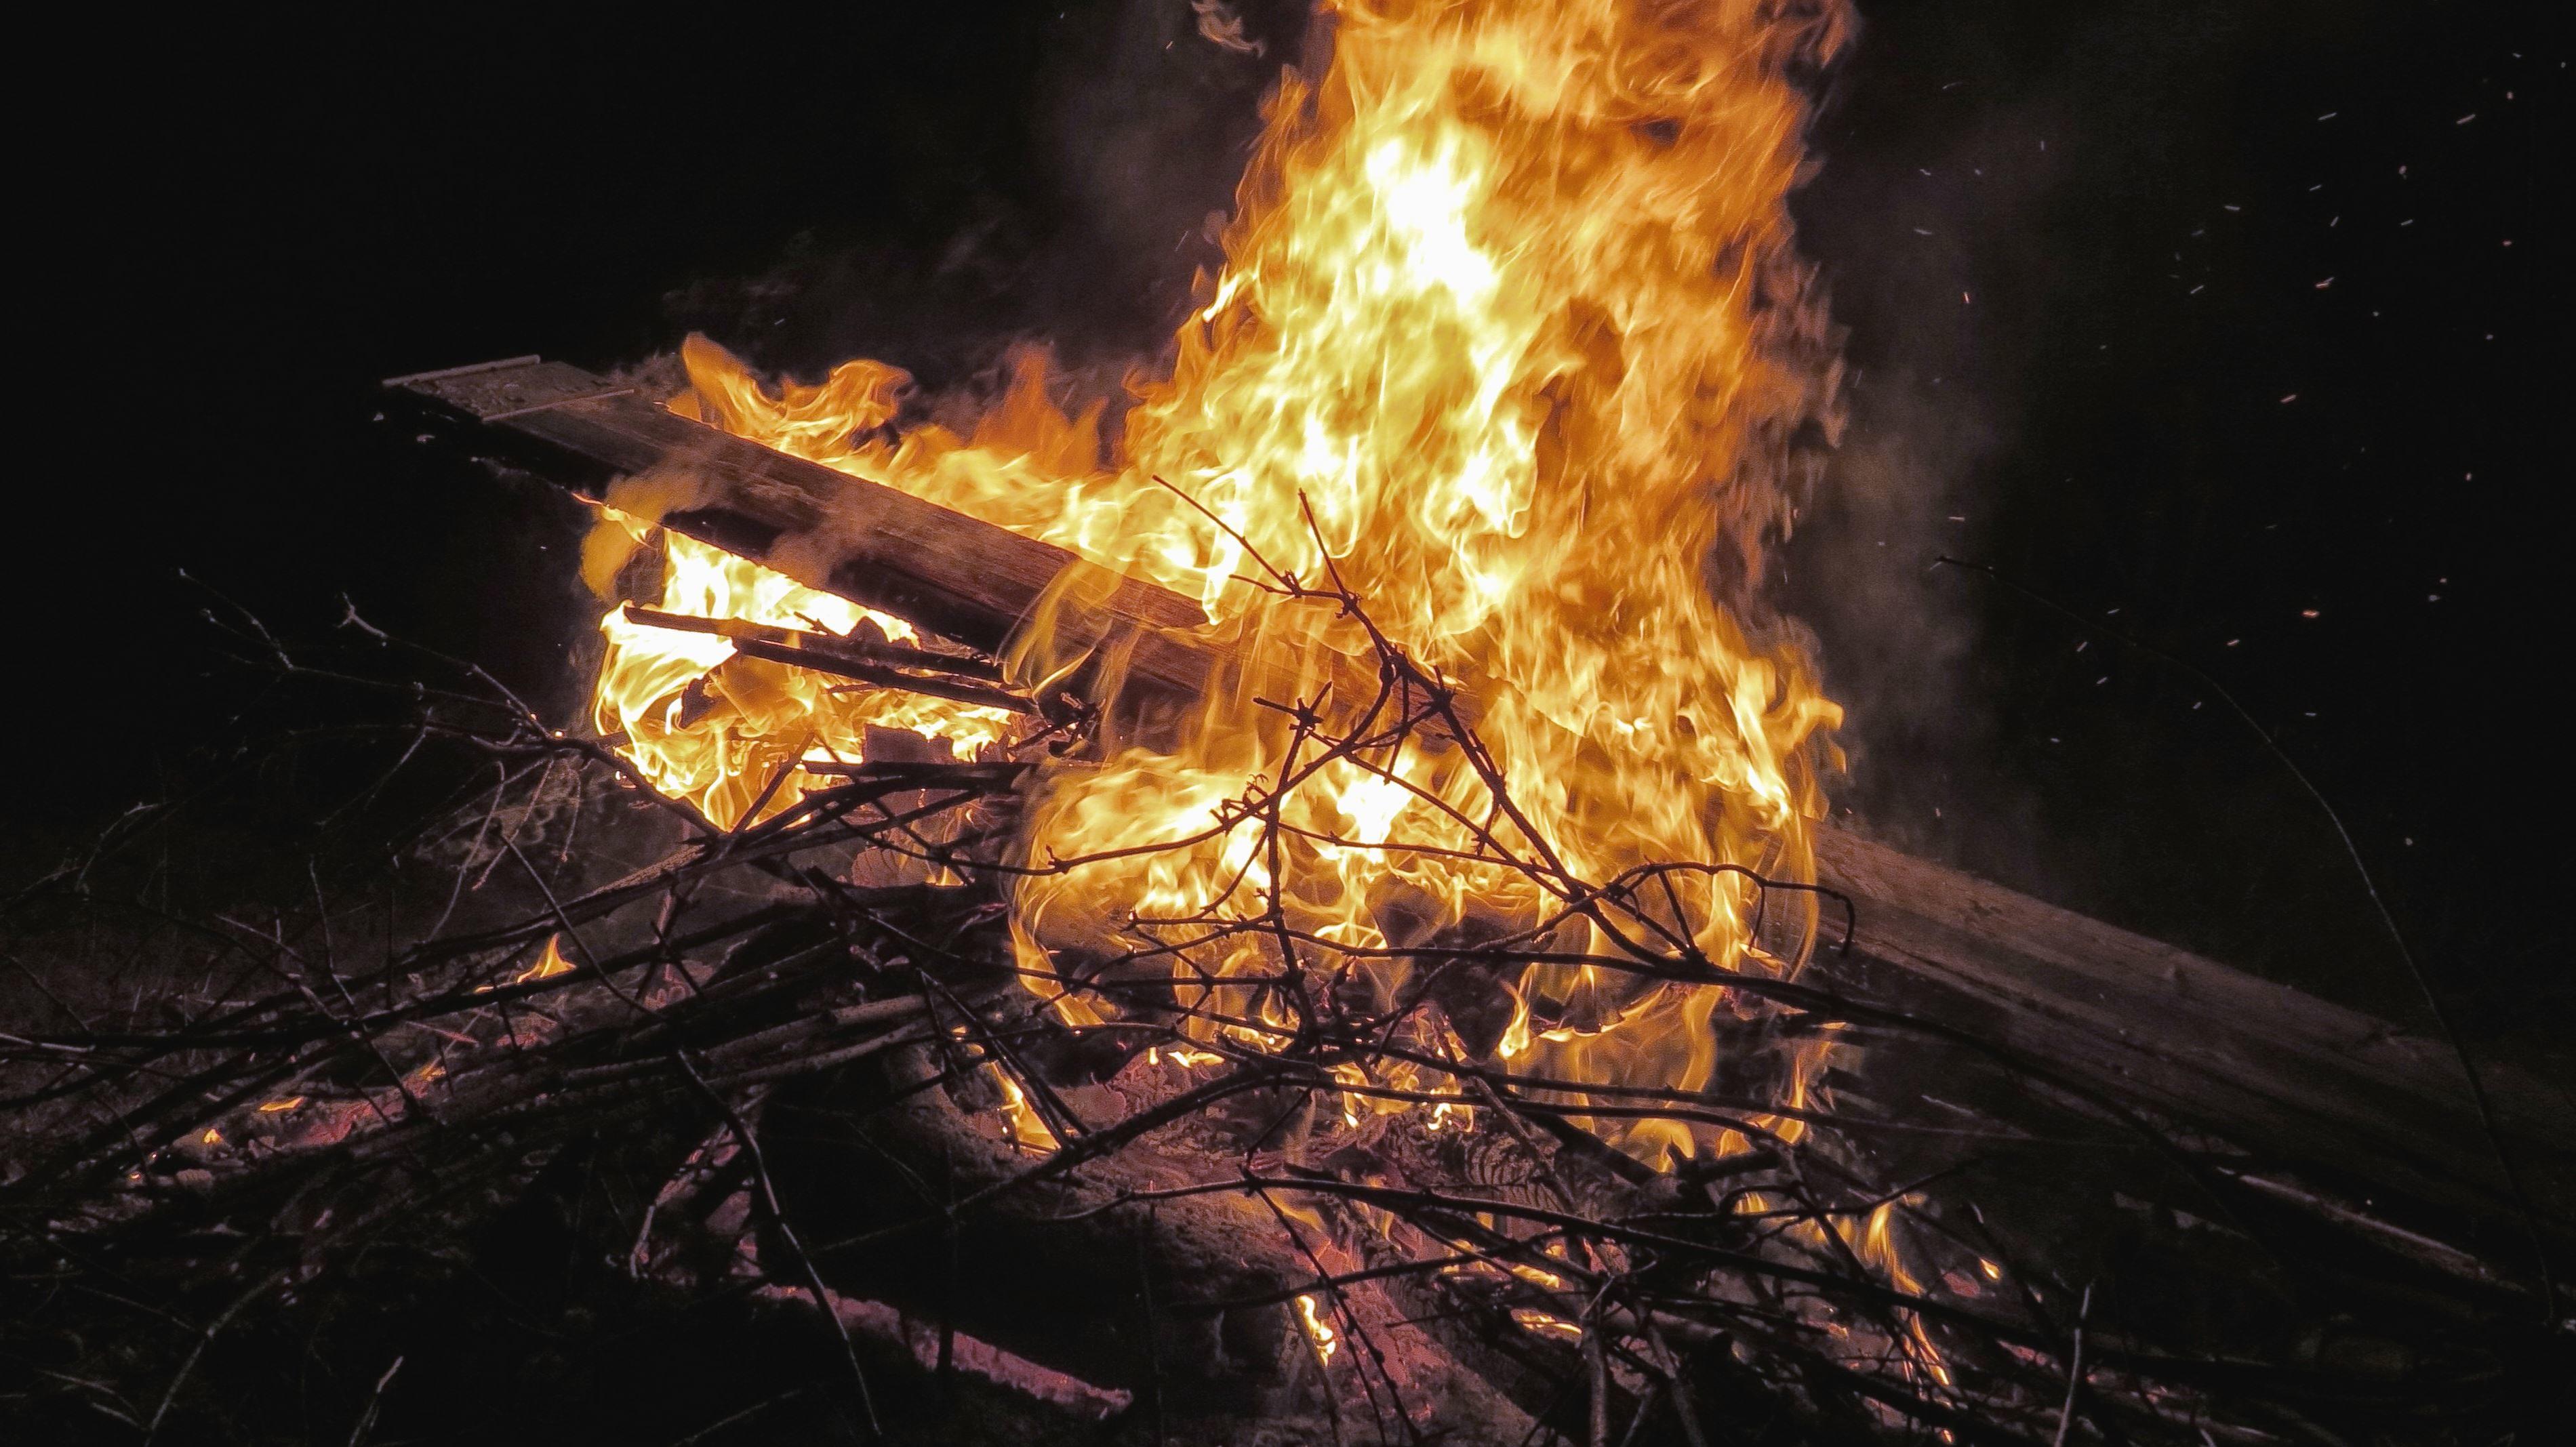 Kostenlose Bild: Feuer, Zweig, heiß, Flamme, Rauch, Holz